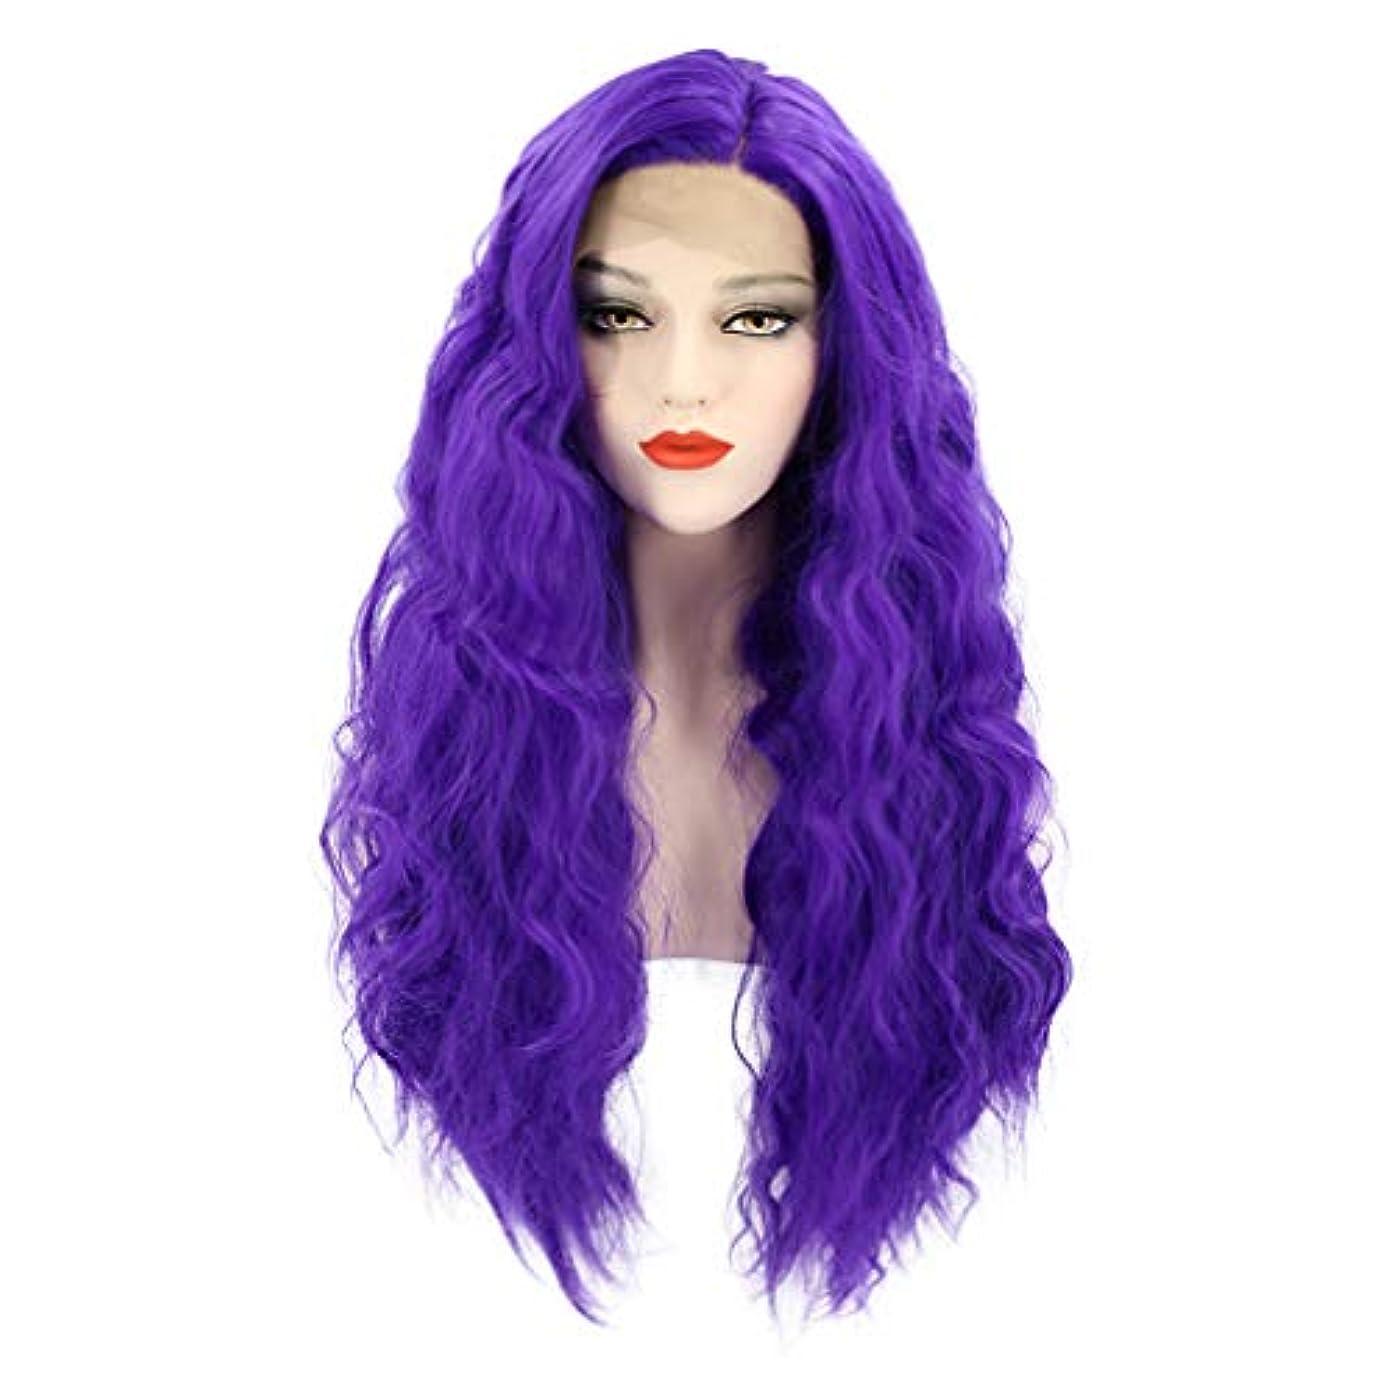 組み込む再び拡張女性かつらフロントレース長い巻き毛アフロ人工毛サイドパーツかつら150%密度で無料かつらキャップ紫26インチ